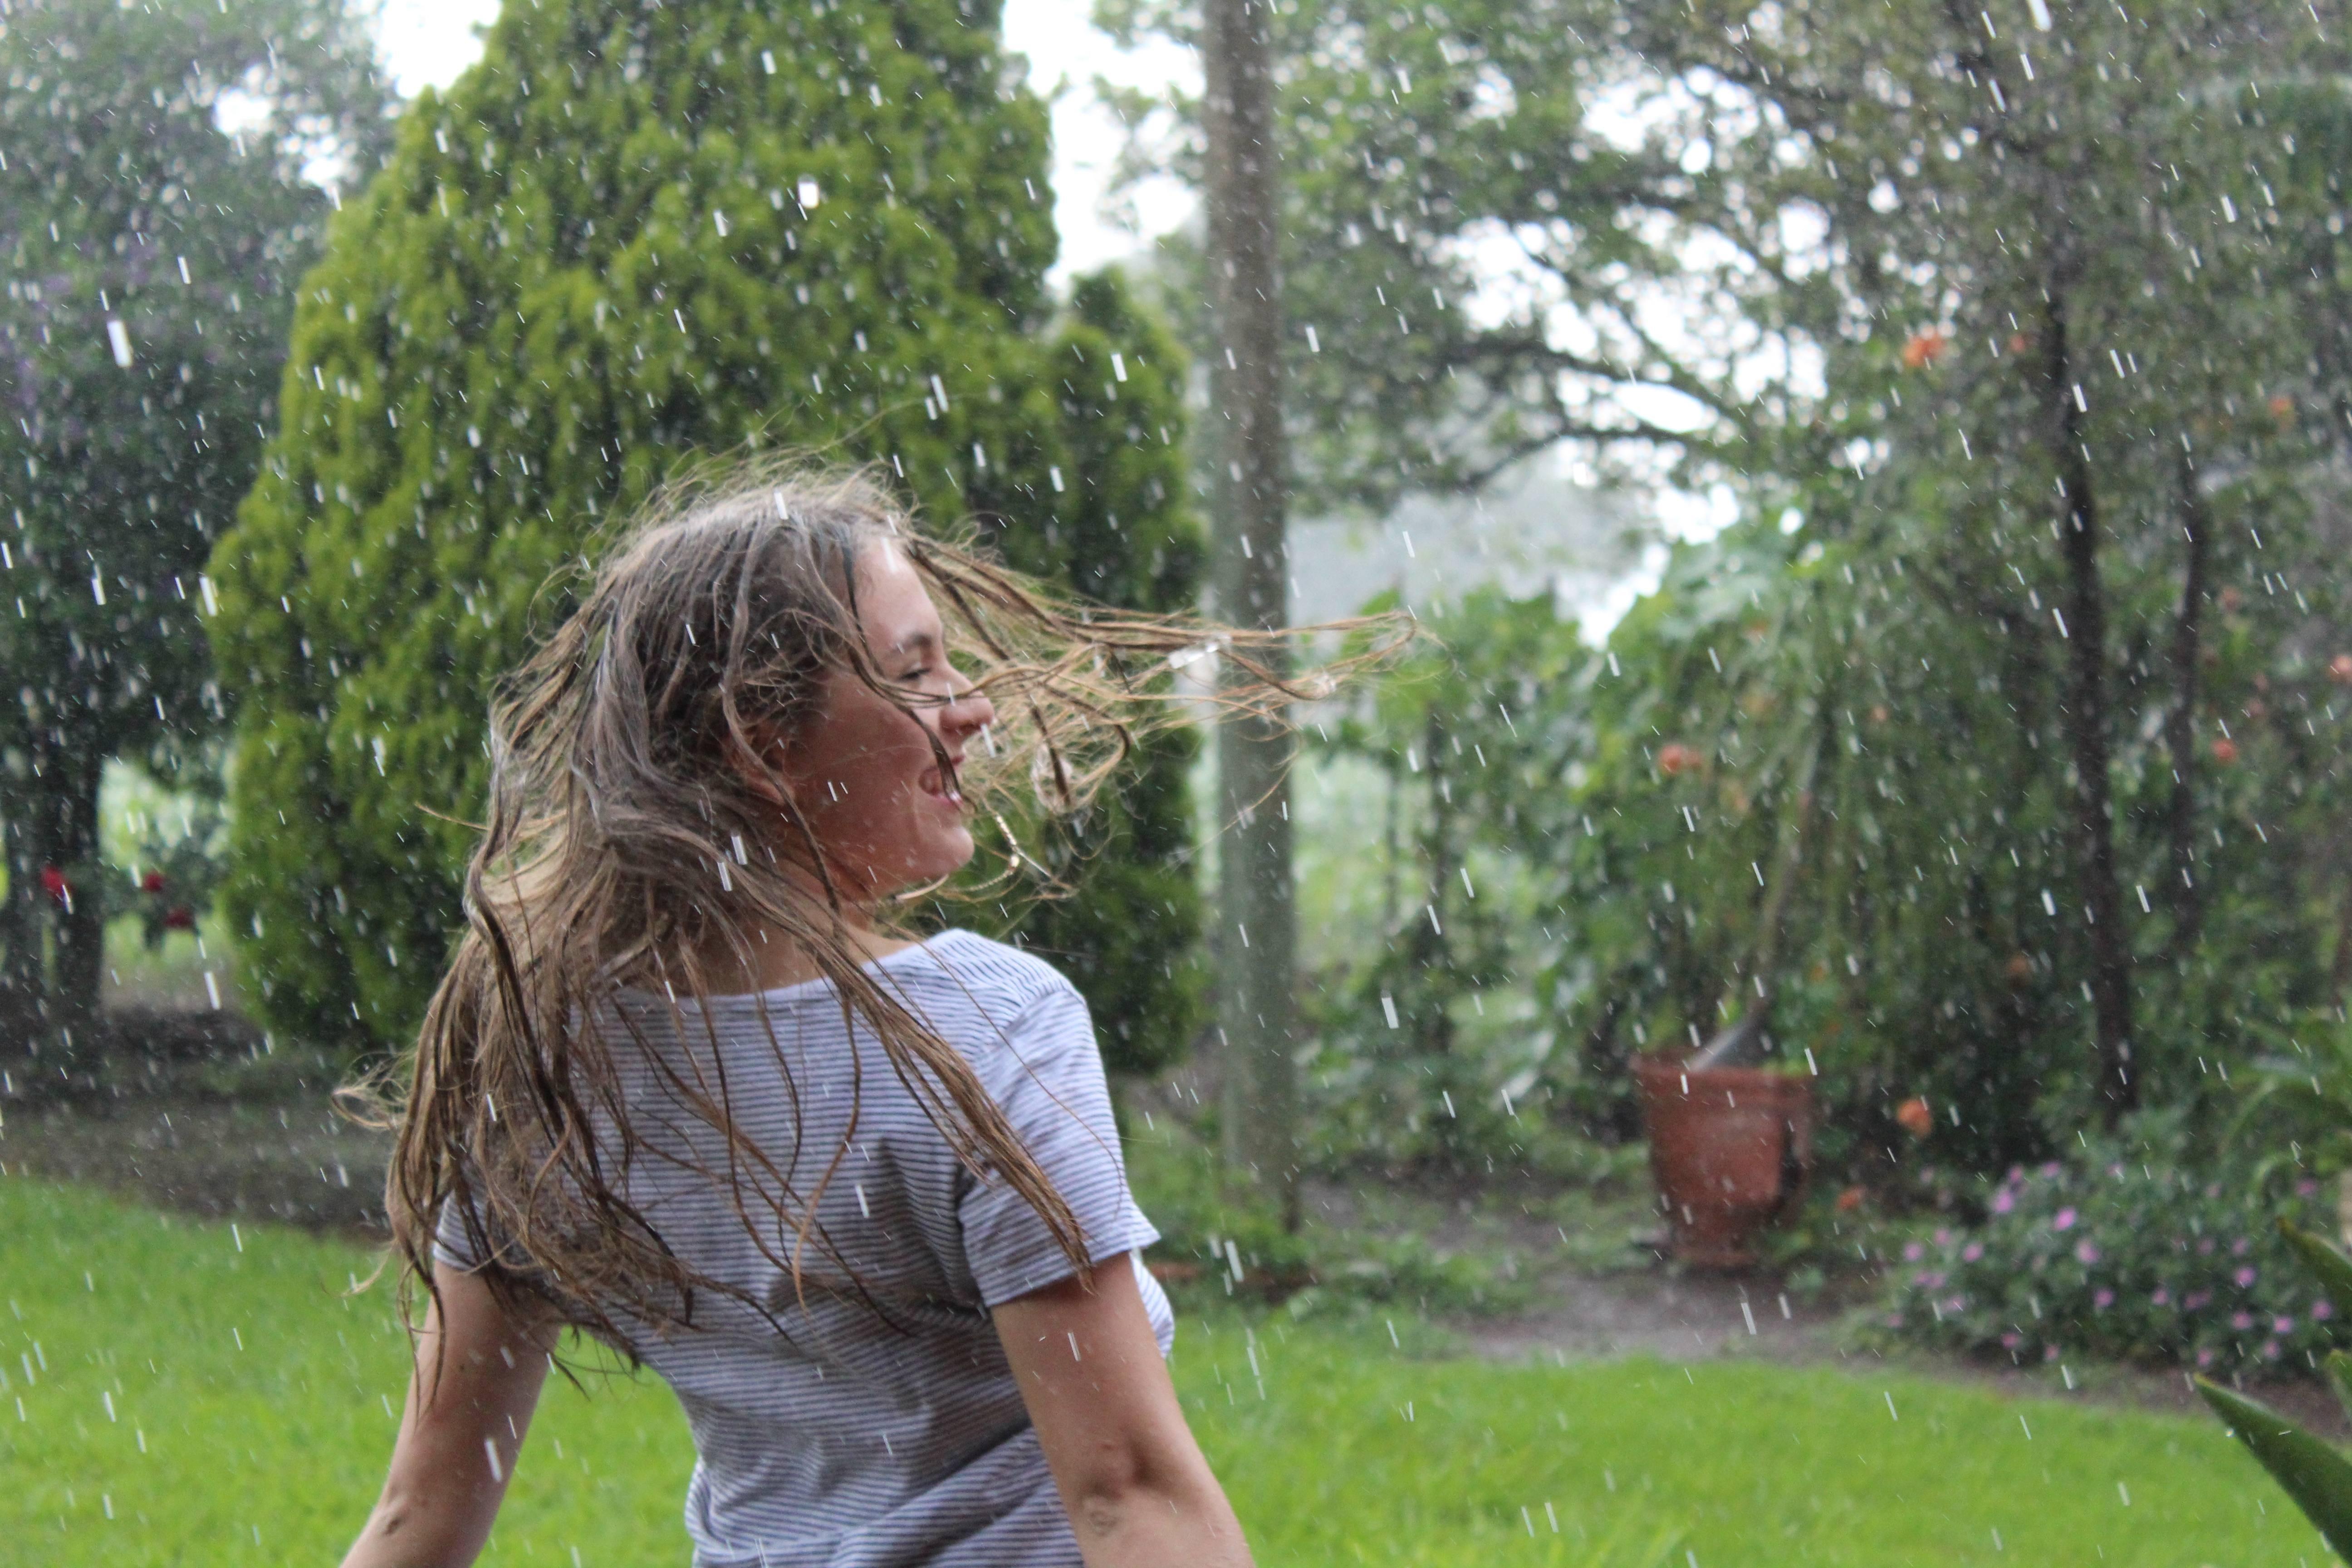 Sommer 2018 - Impressionen - regen tropfen glc3bccklich